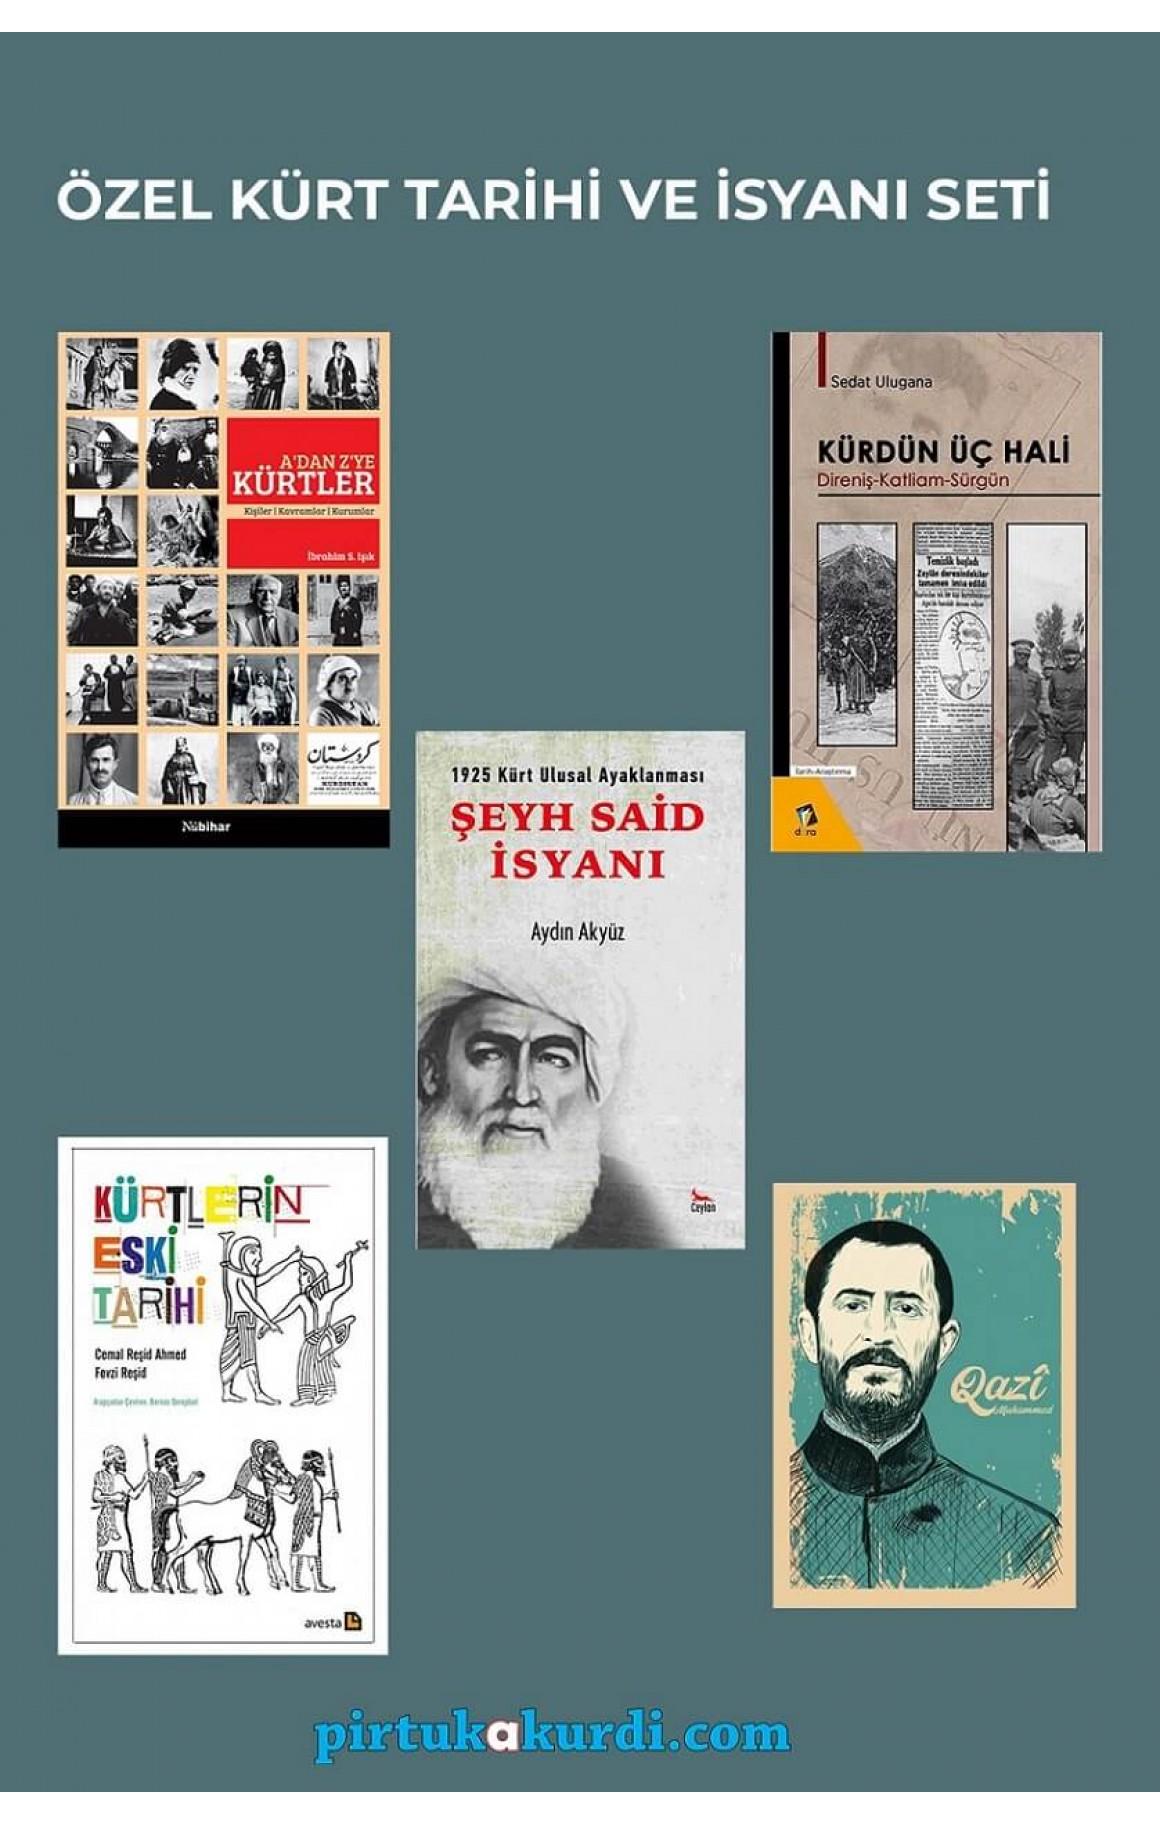 Özel Kürt Tarihi ve İsyanı Seti